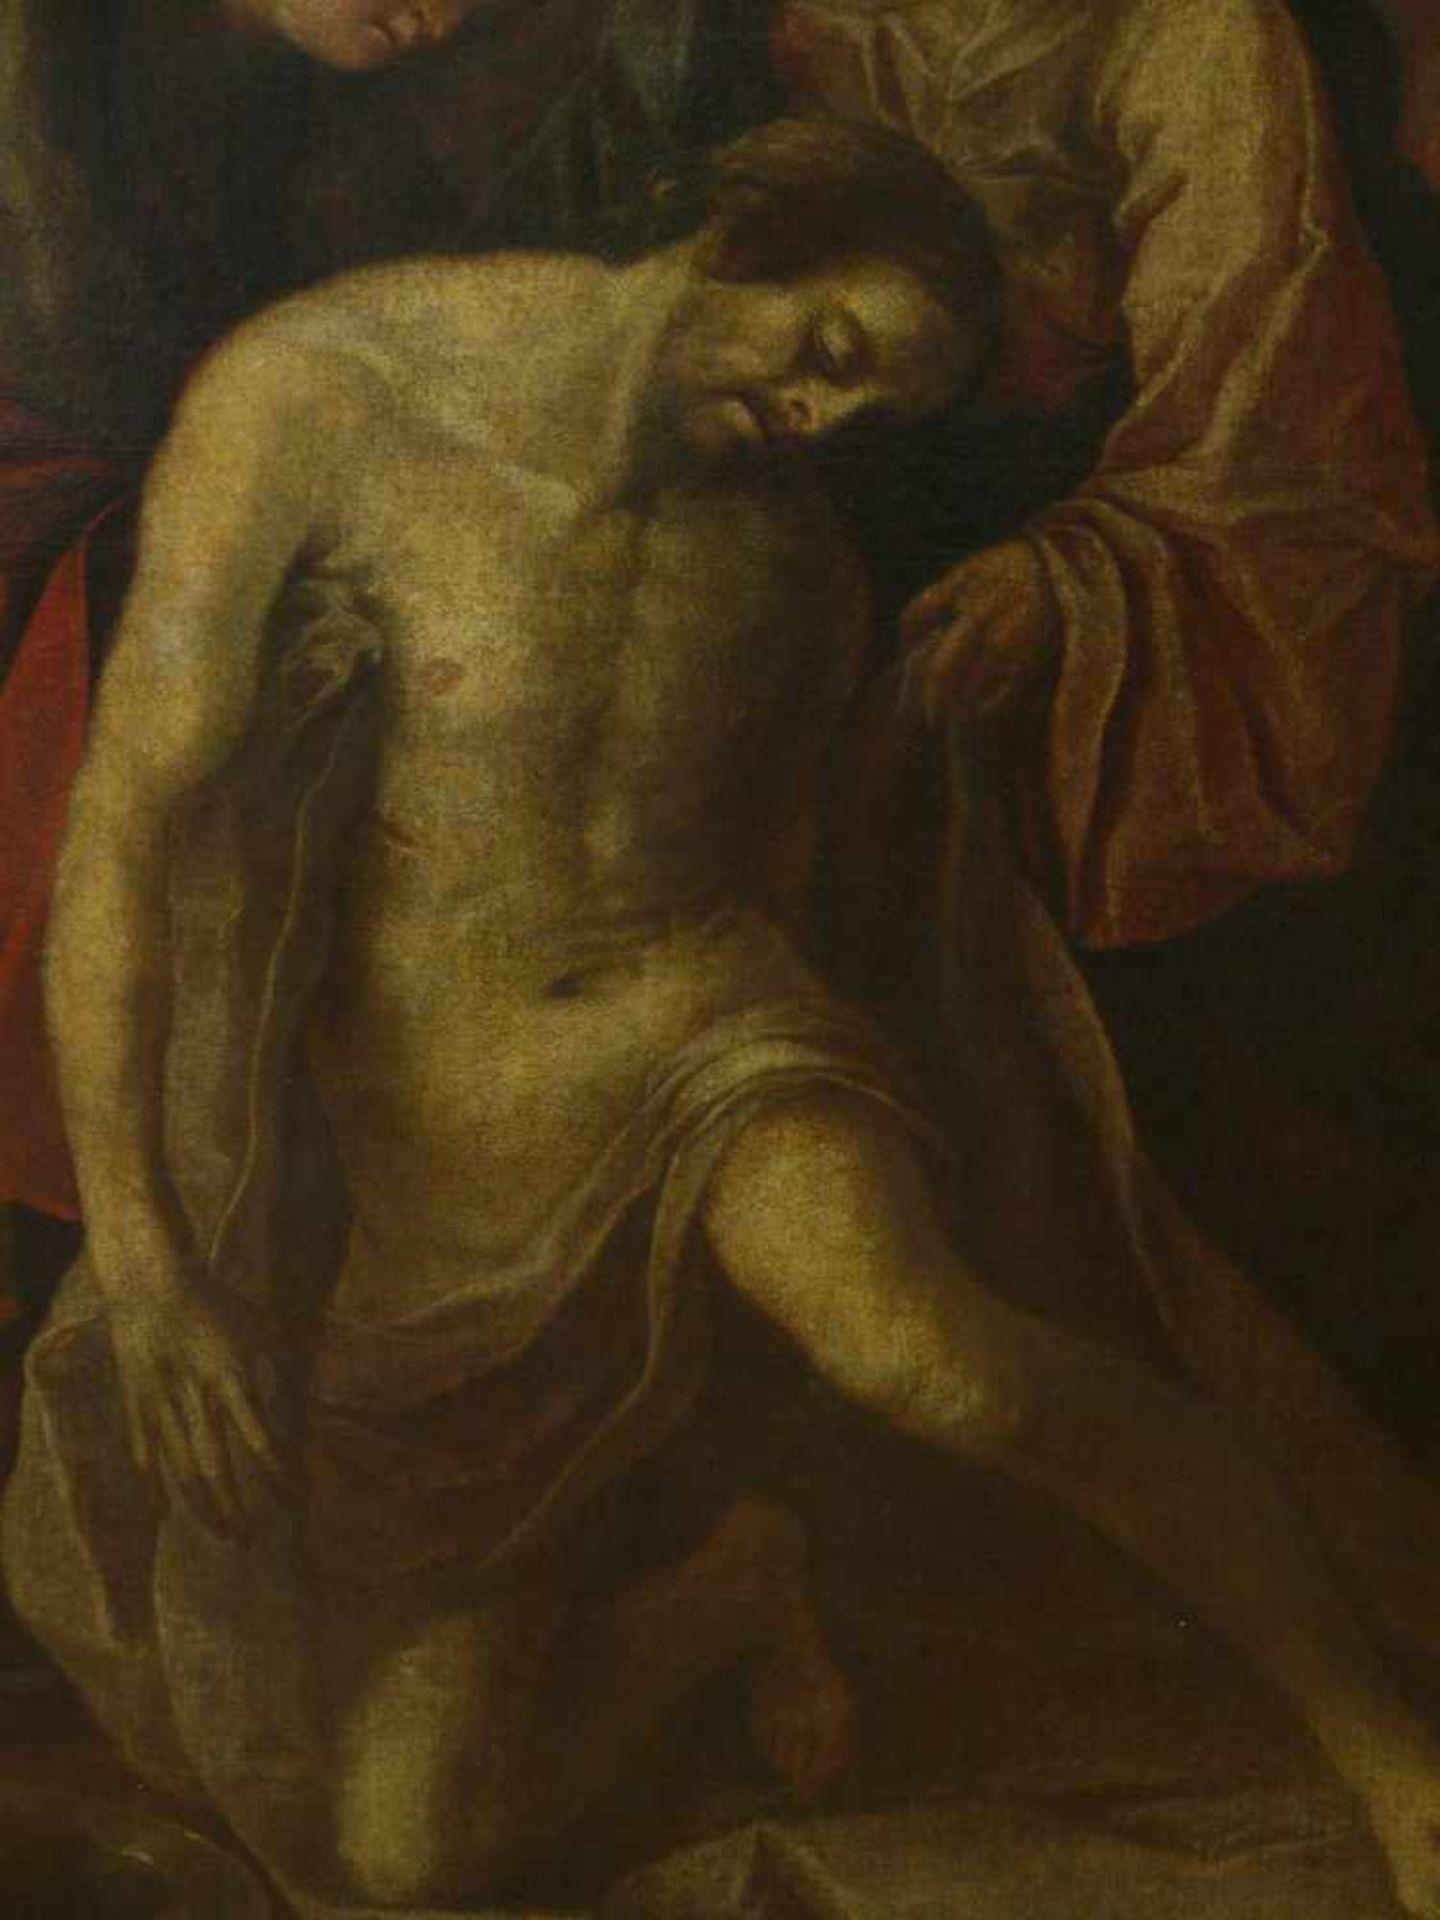 Niederländischer Meister - Beweinung Christi 18. Jhd.Lebensgroßes Hochformat. Johannes und Maria - Bild 3 aus 4